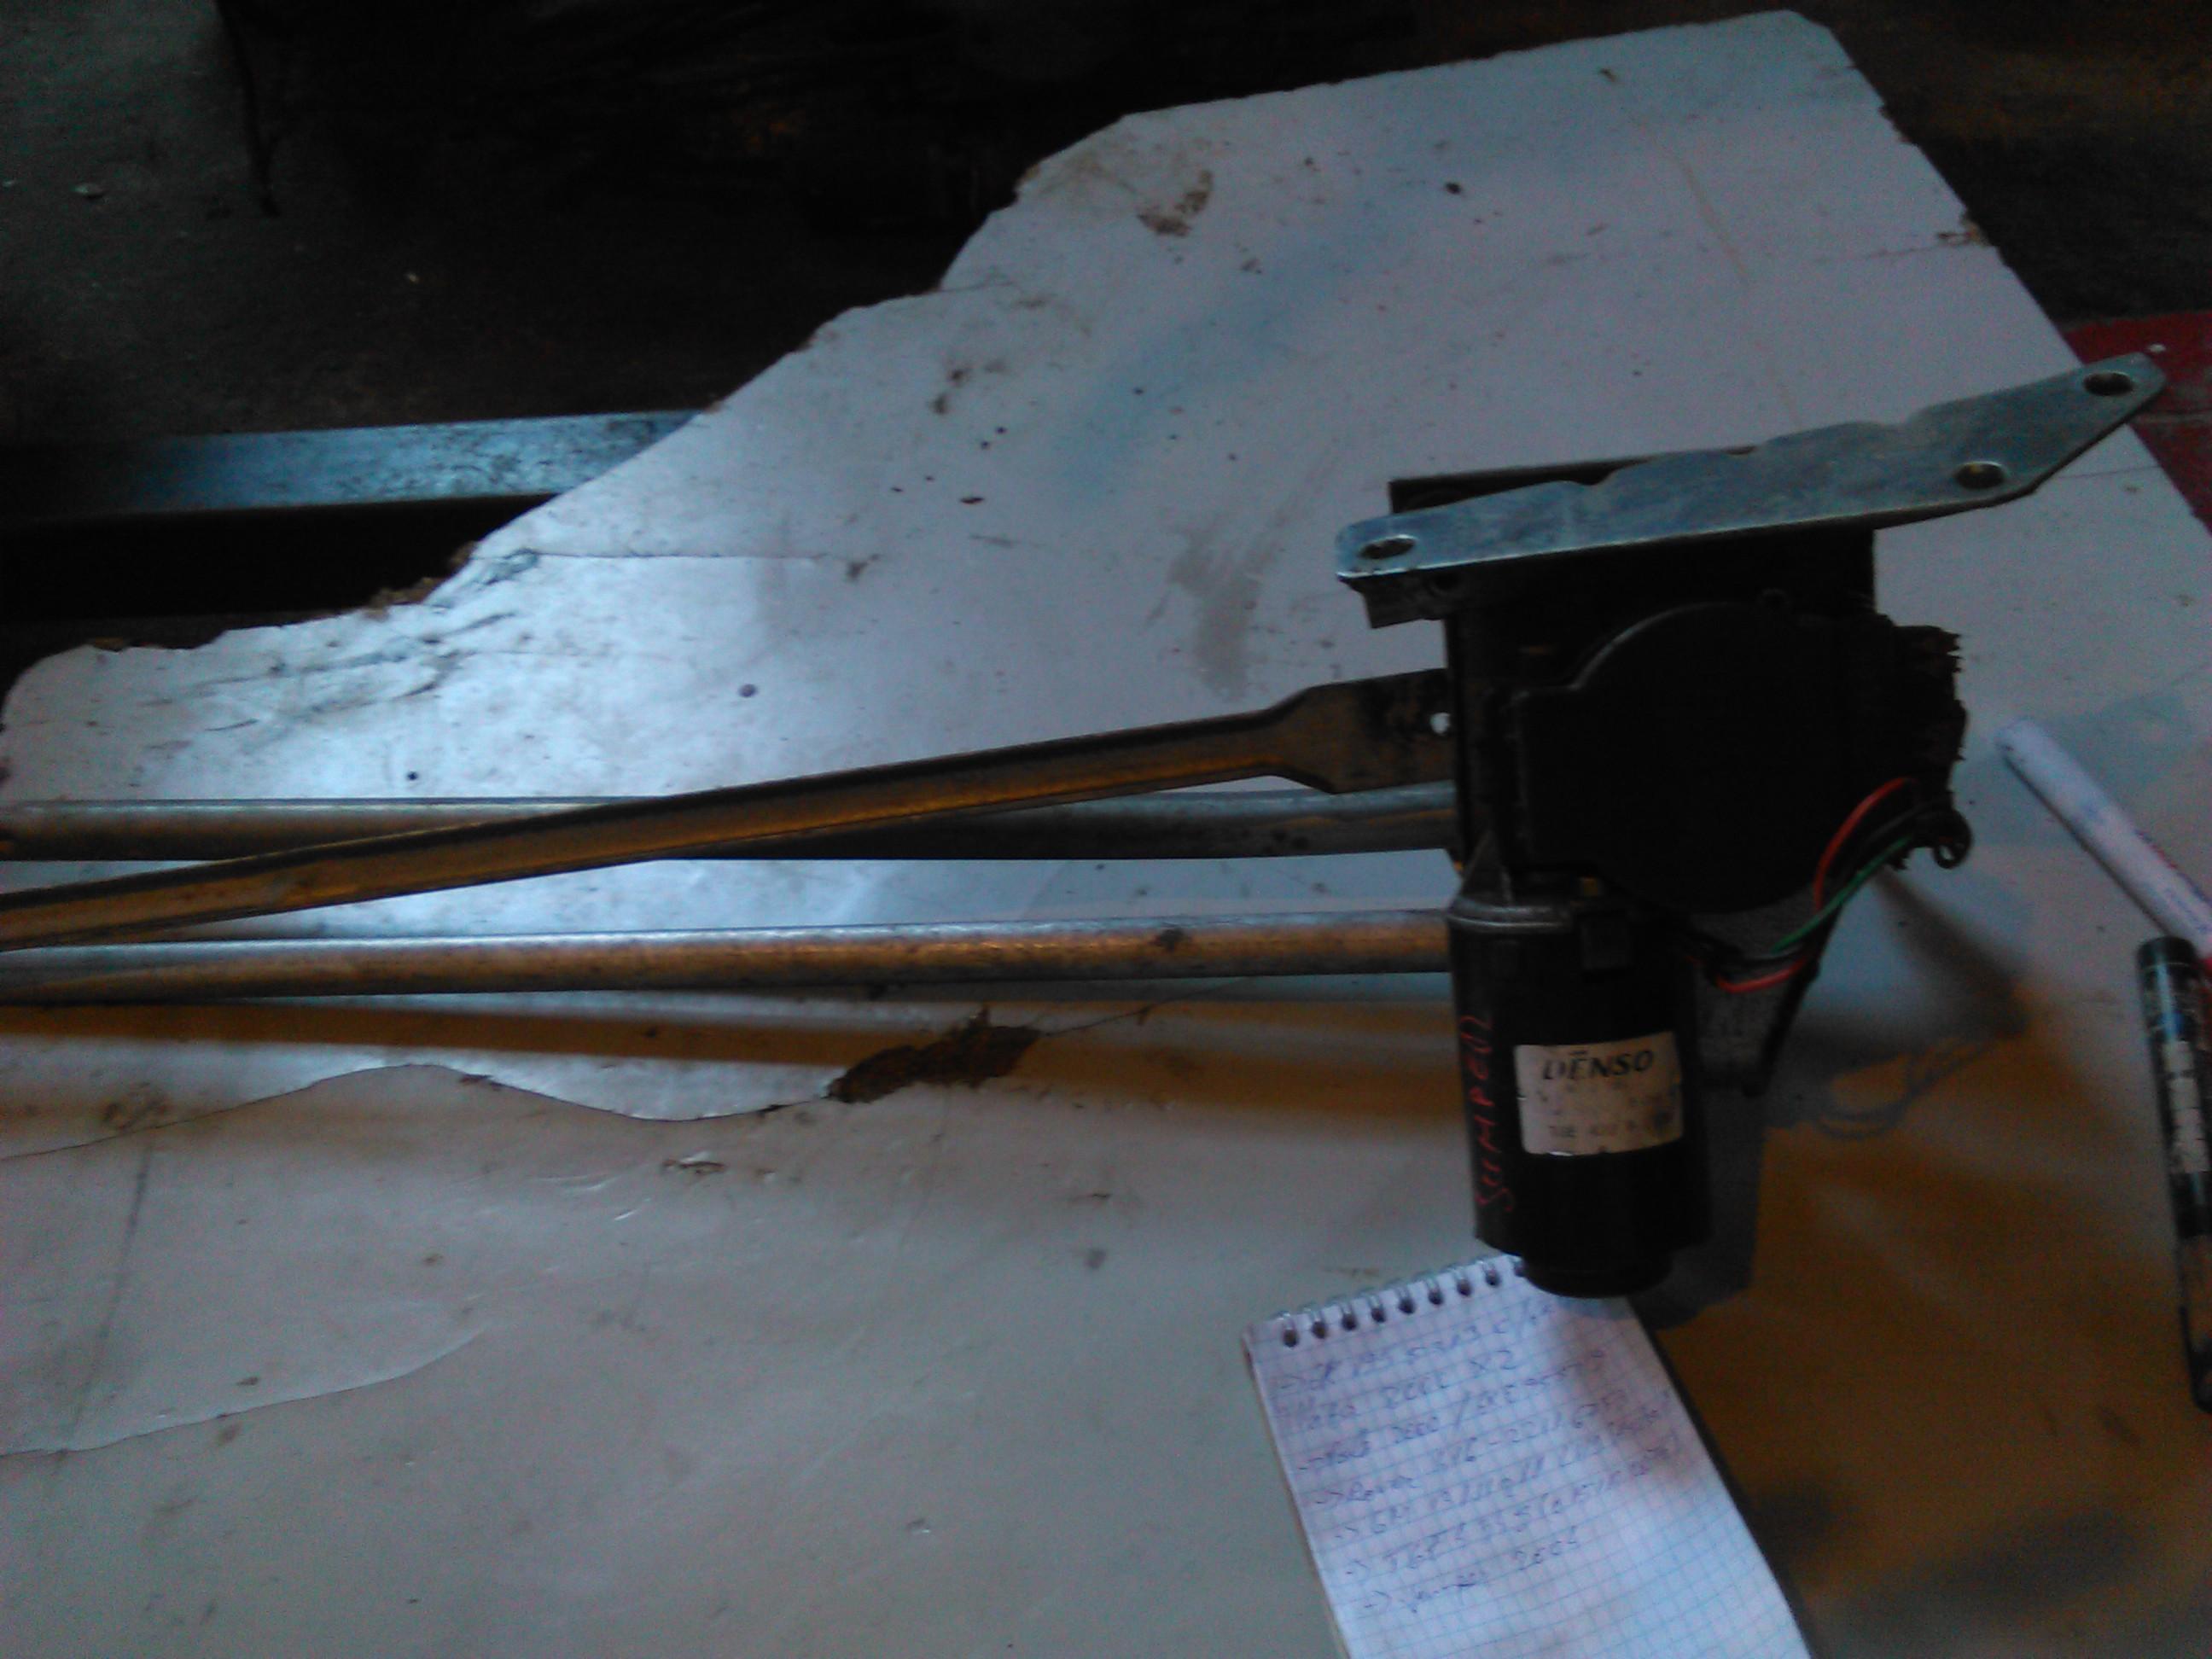 Ansamblu stergatoare Citroen Jumper 2.8hdi 2004 cod TGE422P